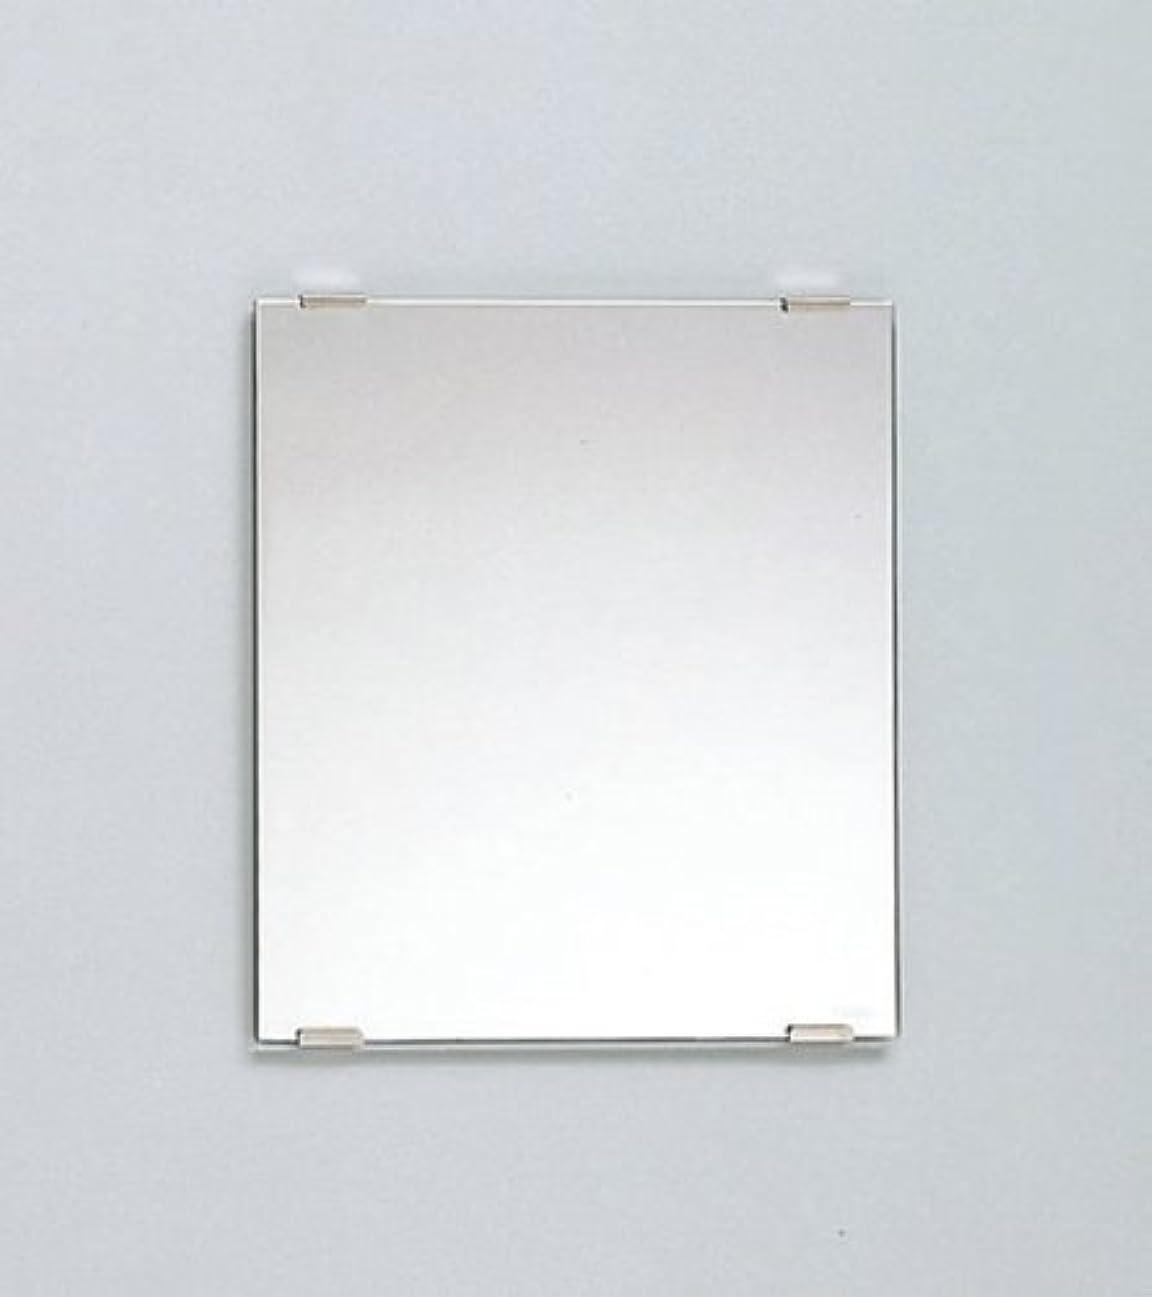 火傷木製凶暴なTOTO 化粧鏡 YM3045F 耐食鏡 角型 300×450(mm)